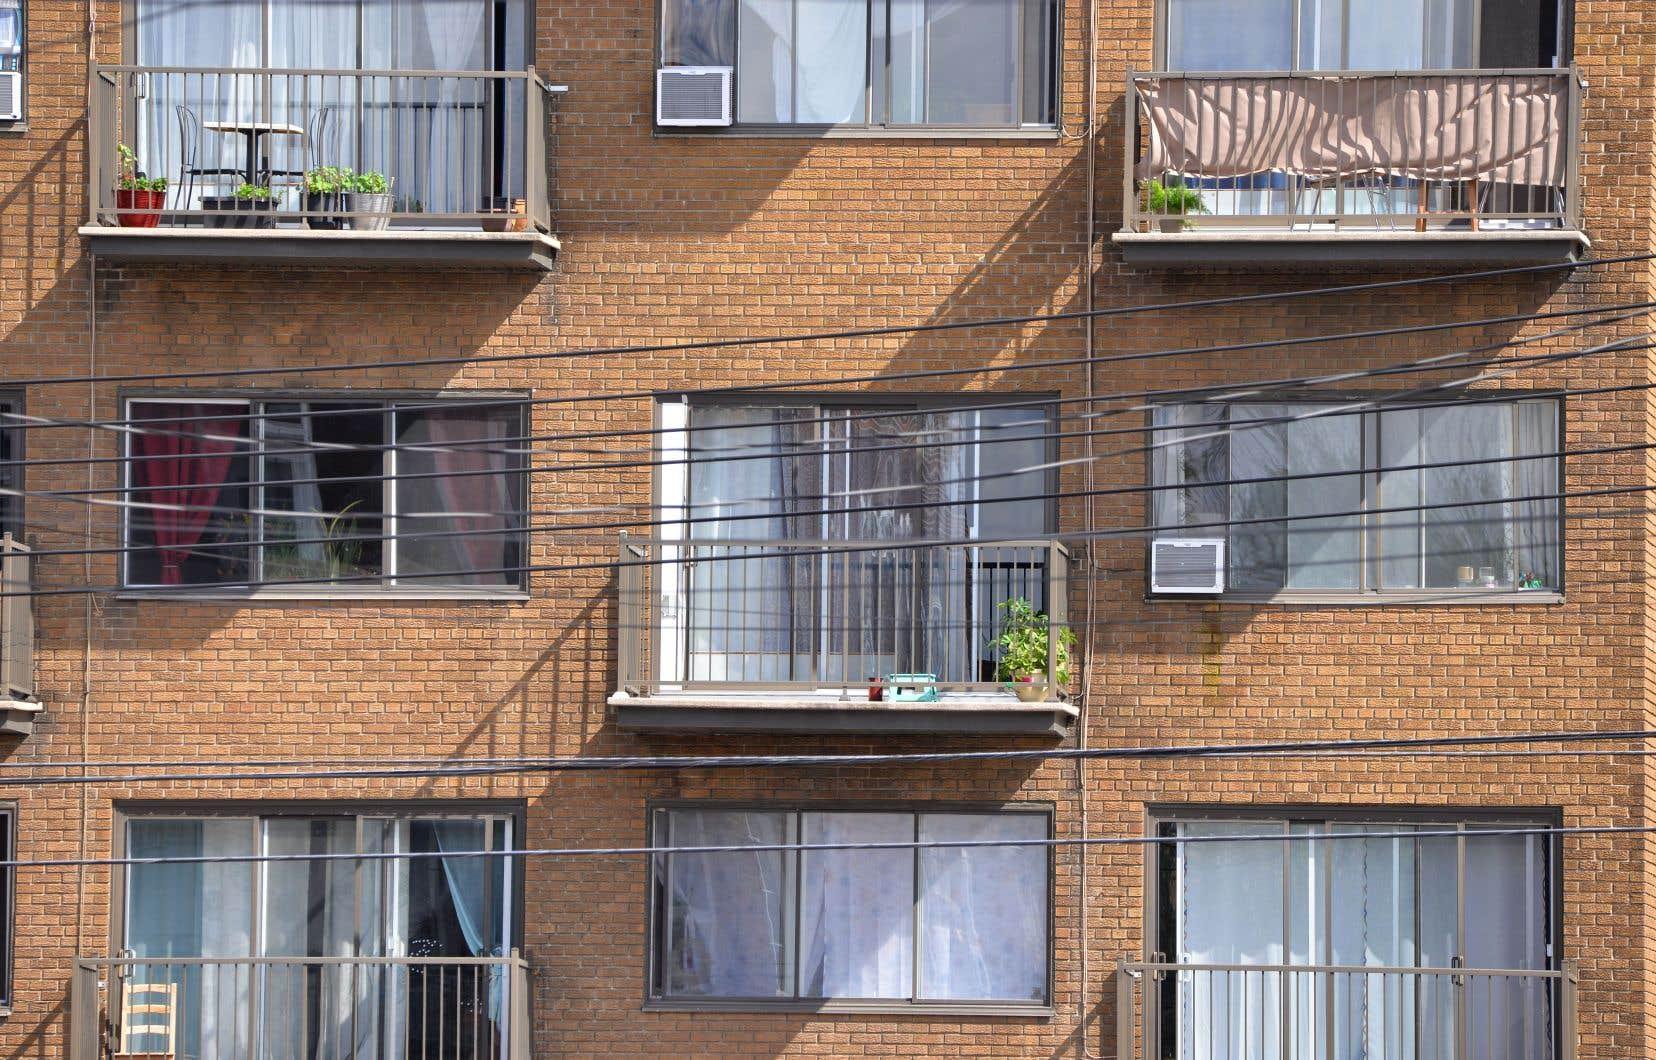 Les délais pour être entendu devant le Tribunal administratif du logement (TAL) ont grimpé de 40%, en pleine pénurie d'espaces locatifs.